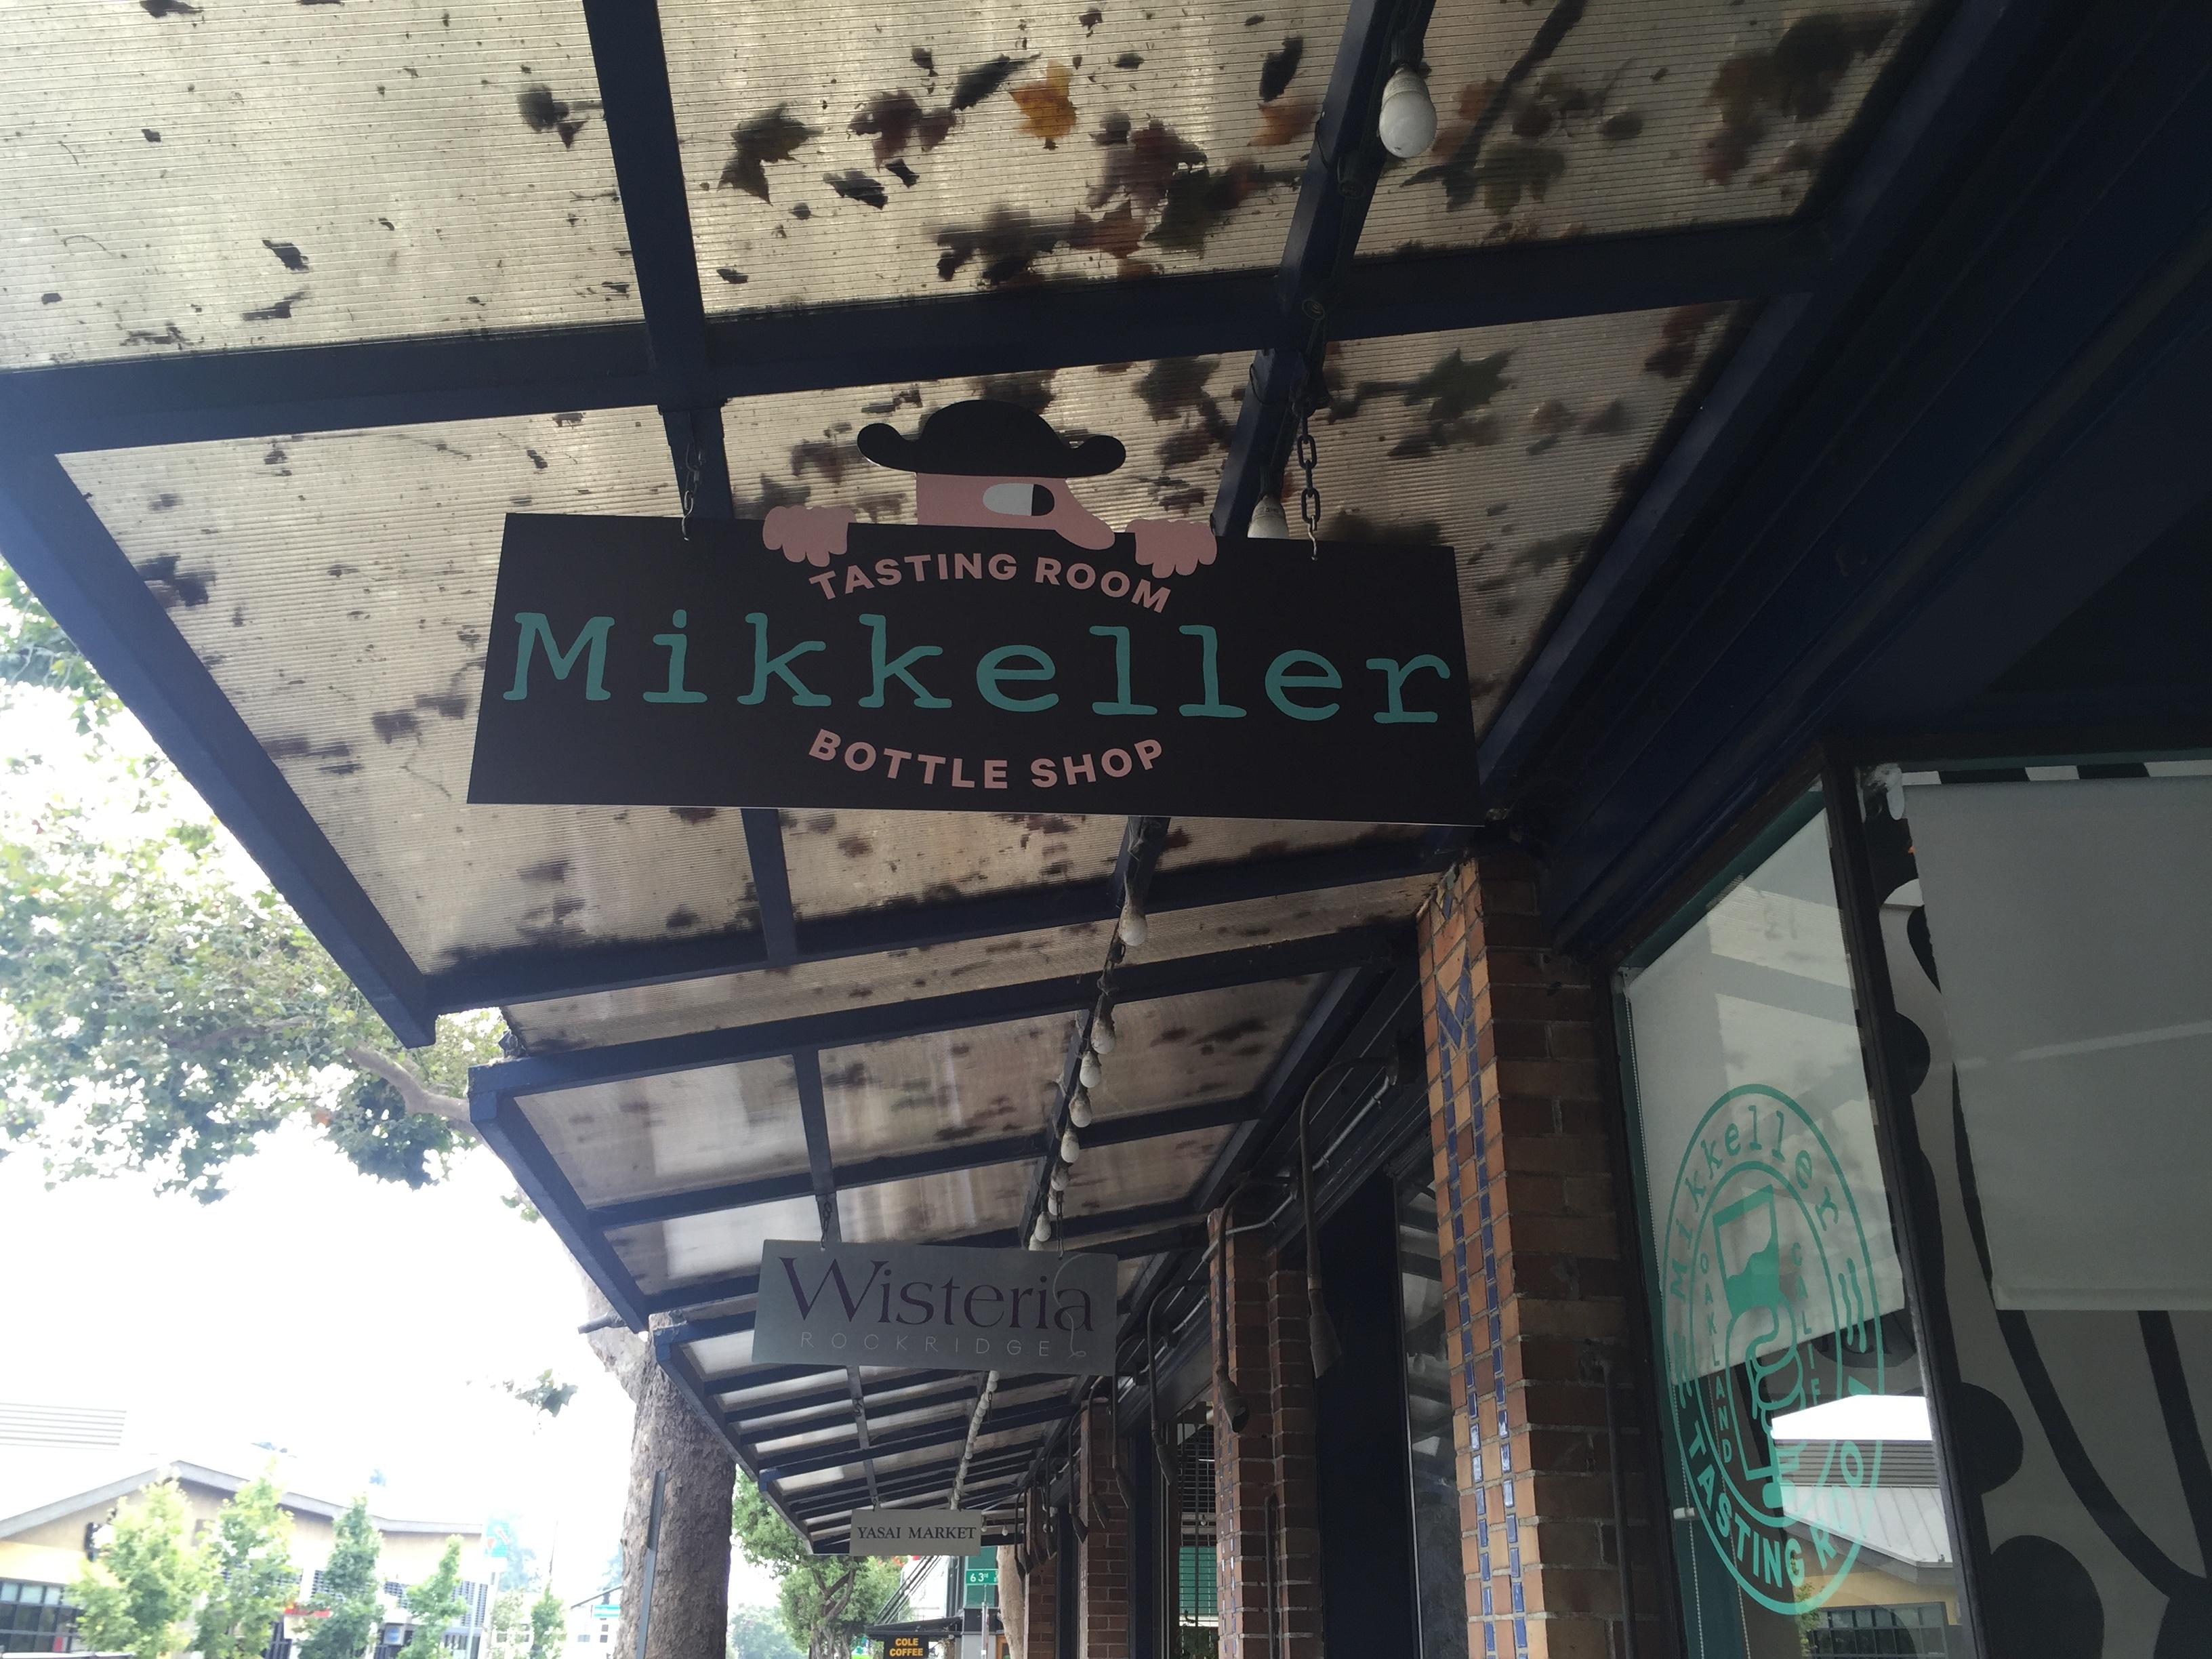 America's First Mikkeller Tasting Room Now Open in Oakland